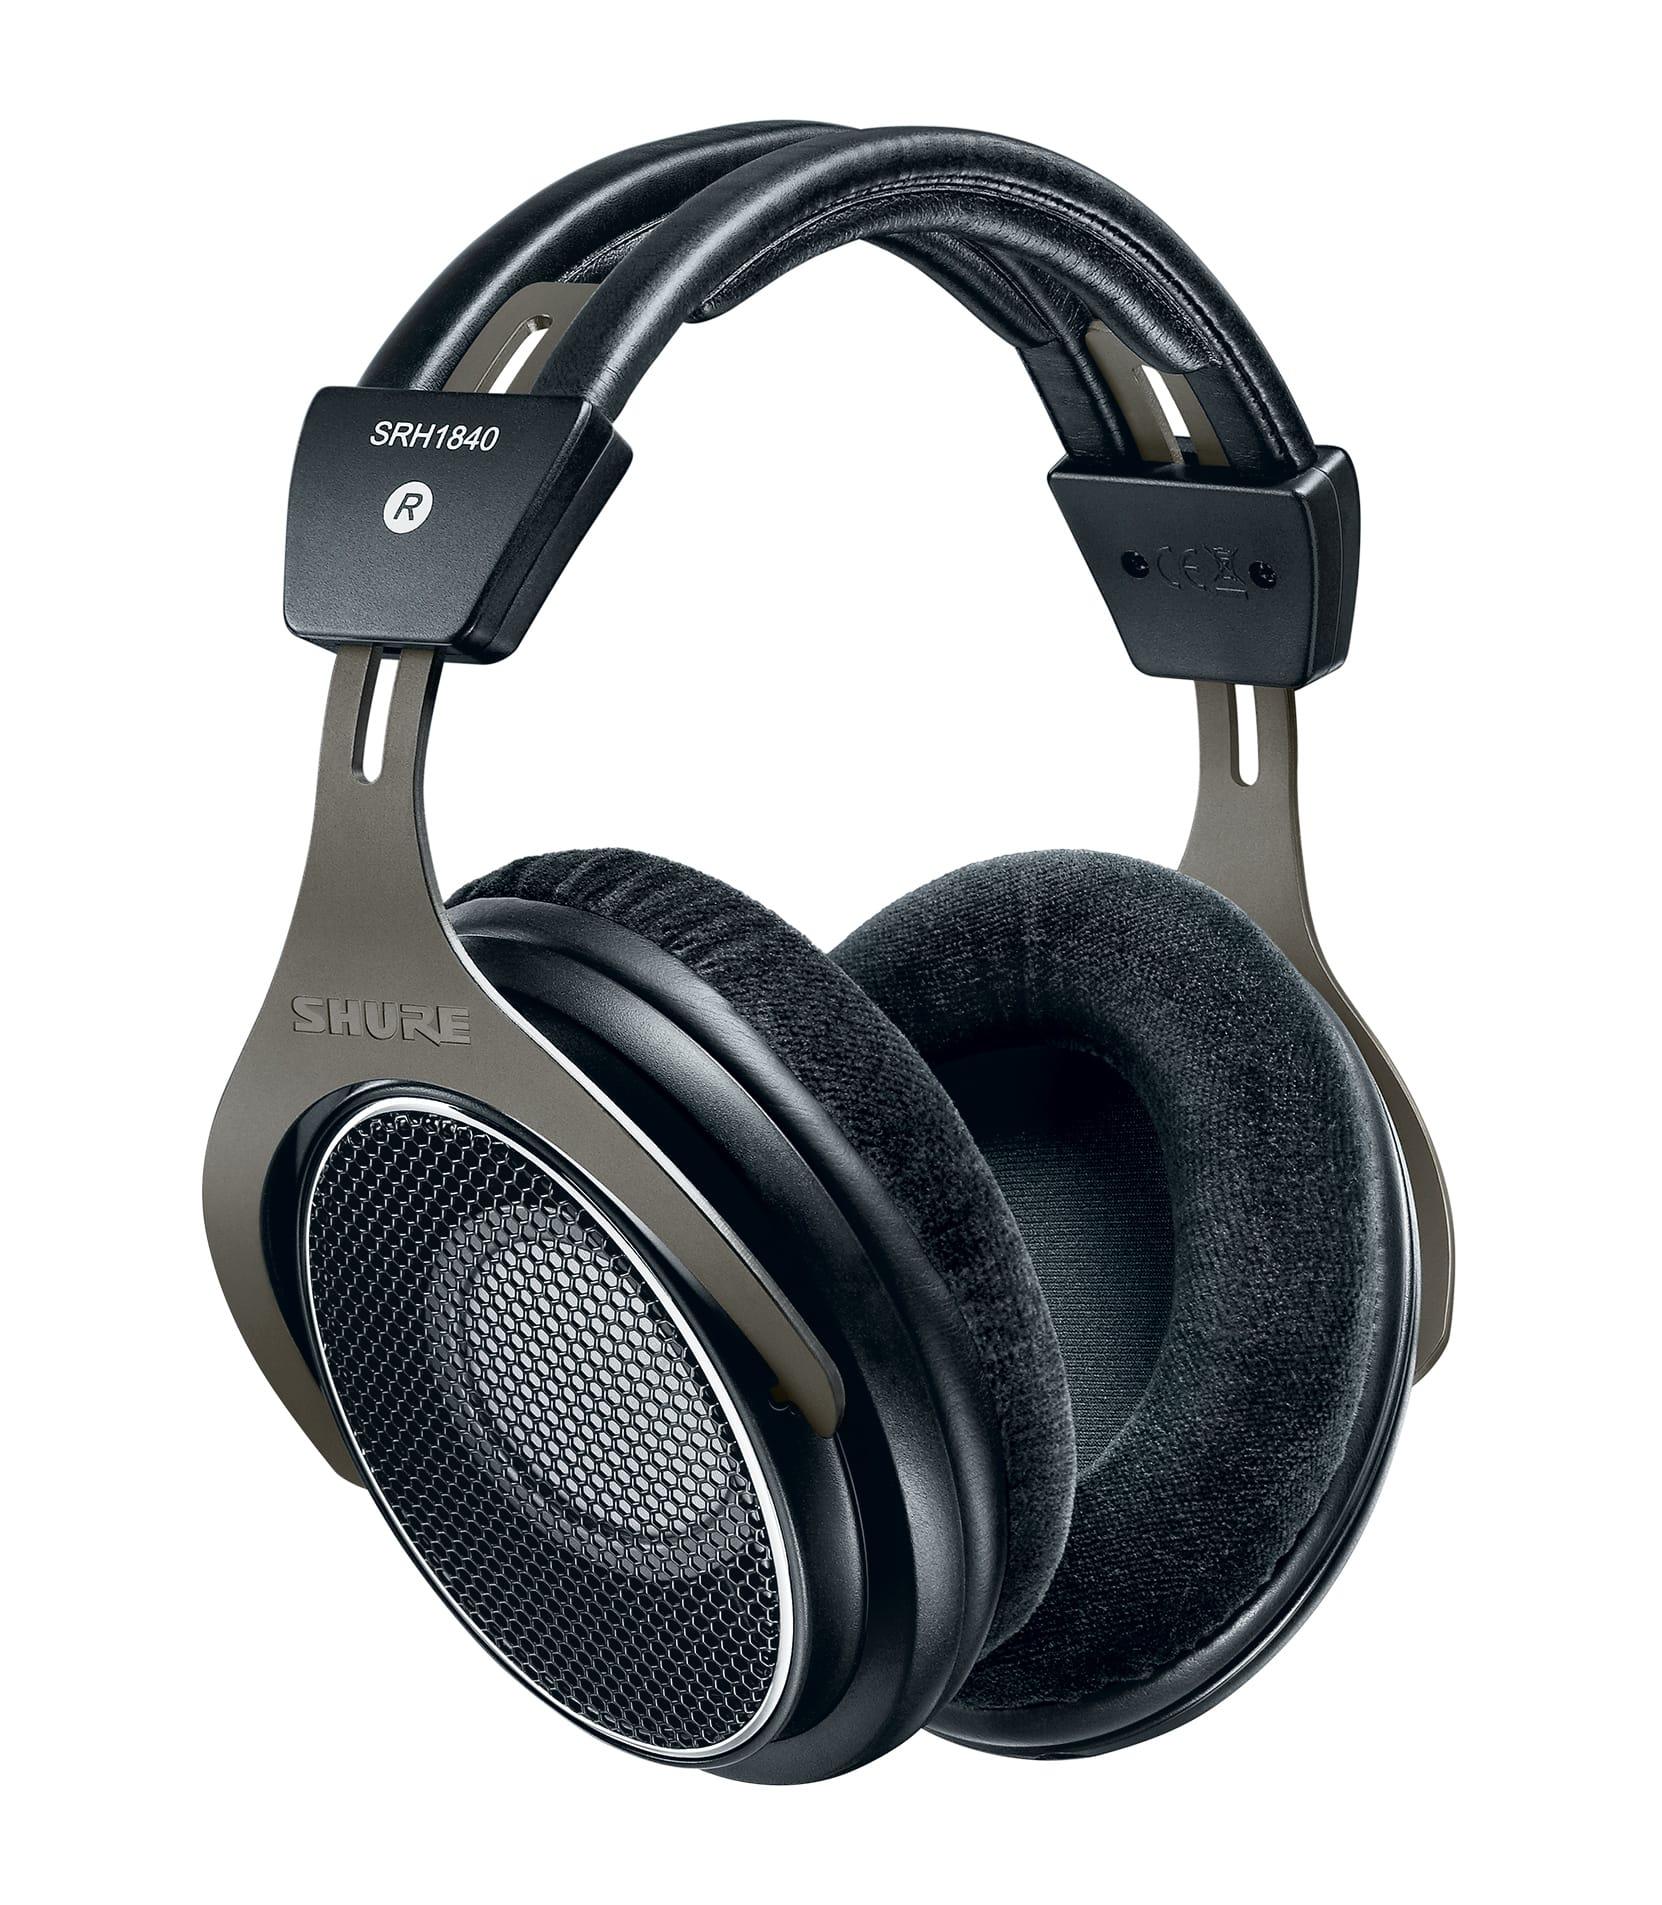 SRH1840 Professional Open Back Headphones - Buy Online